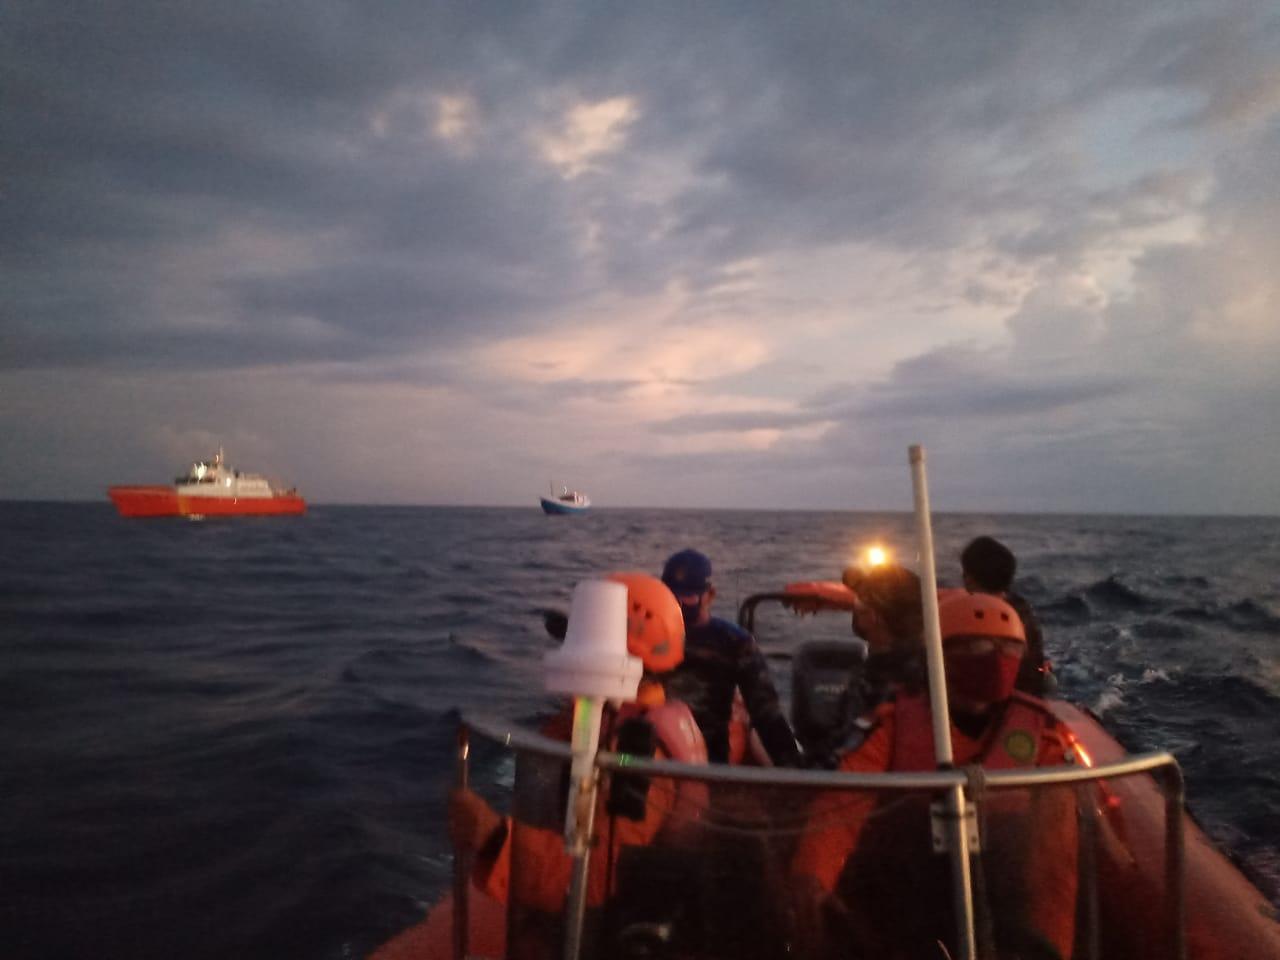 PROSES penjemputan KM Baruna Jaya Raya mengangkut ikan dari Sapeken menuju ke pelabuhan Sangsit, Buleleng, yang sebelumnya dikabarkan hilang dan berhasil ditemukan. Foto: arik